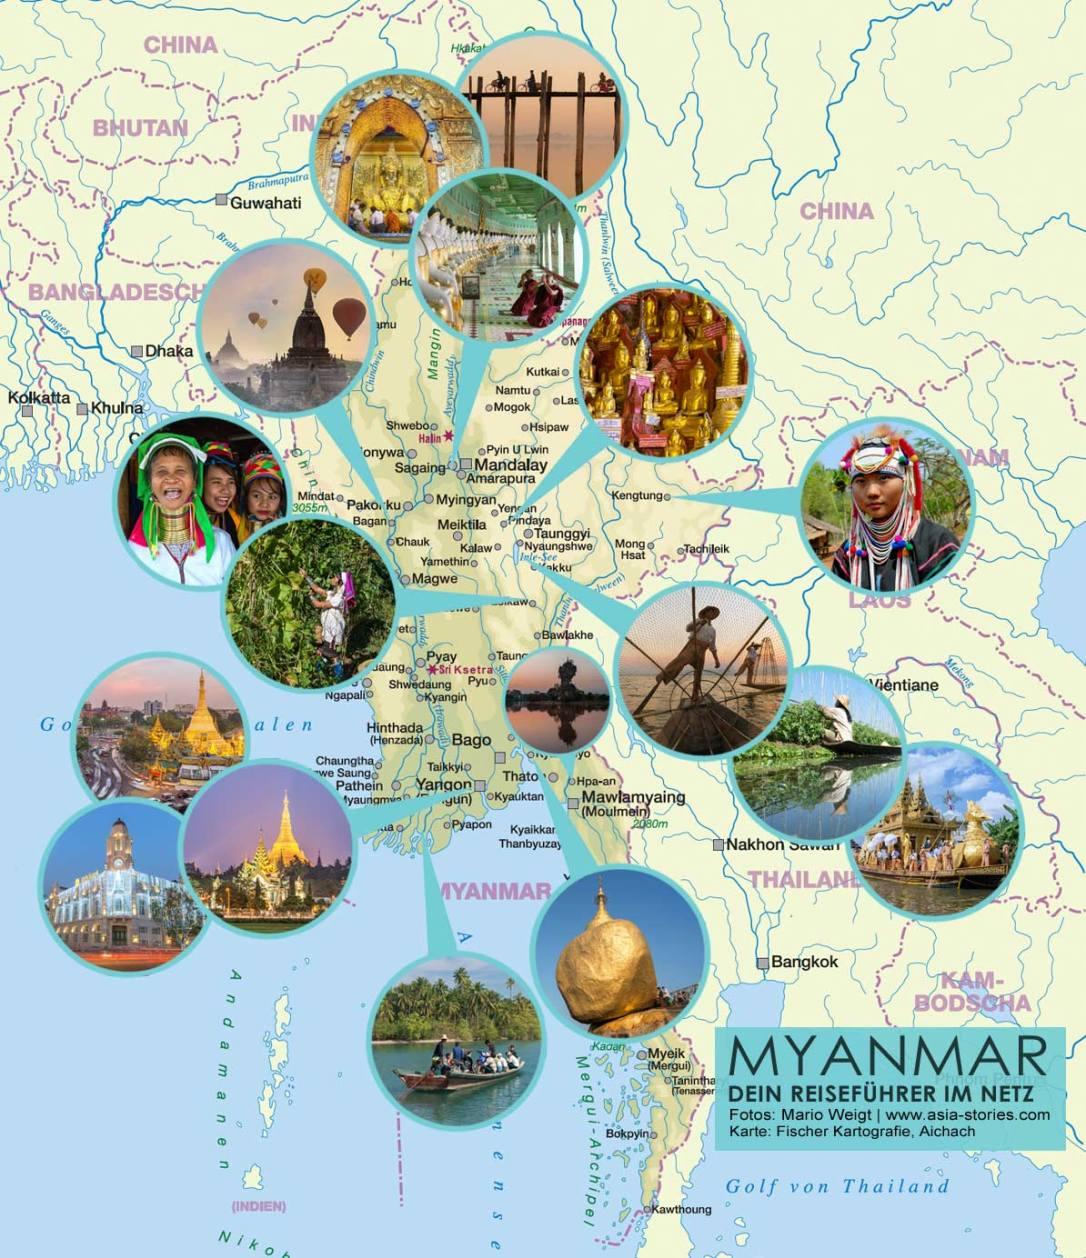 Diese Karte von Myanmar (Burma) zeigt die beliebtesten Orte, die bei geführten Fotoreisen angesteuert werden.